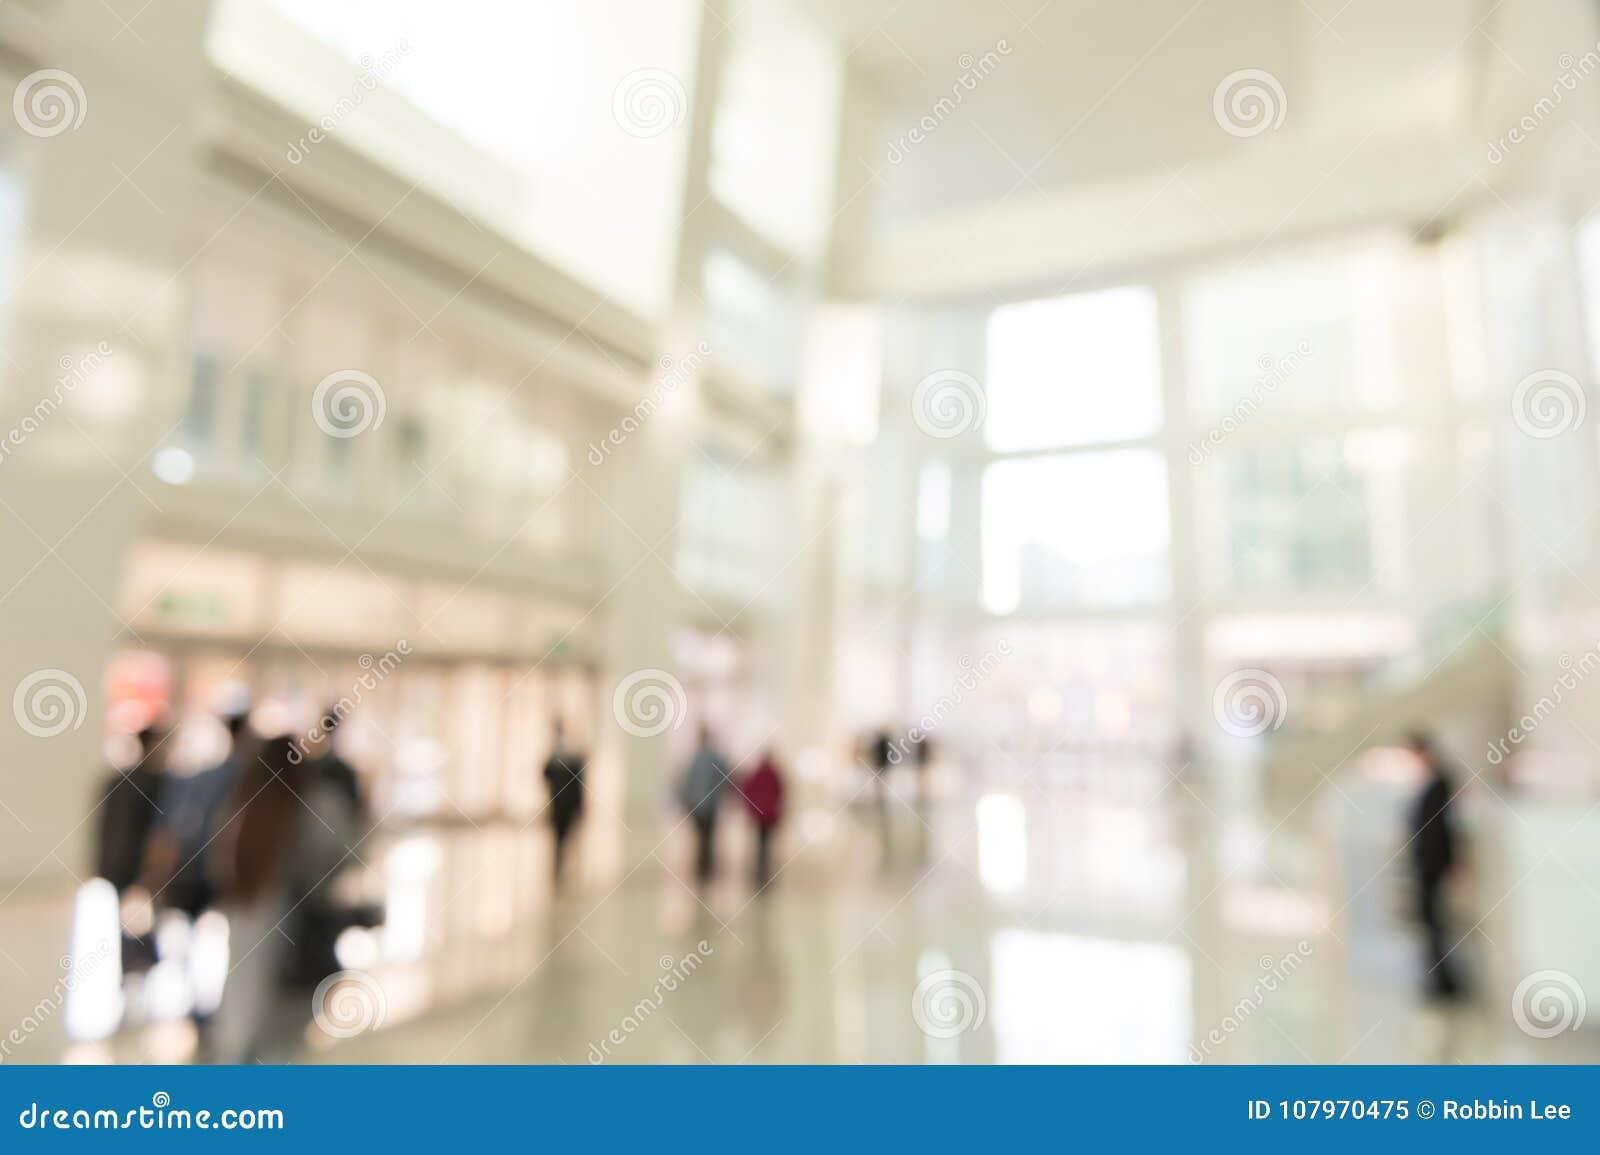 Εσωτερική άποψη υποβάθρου θαμπάδων που κοιτάζει έξω προς στις κενές πόρτες λόμπι και εισόδων γραφείων